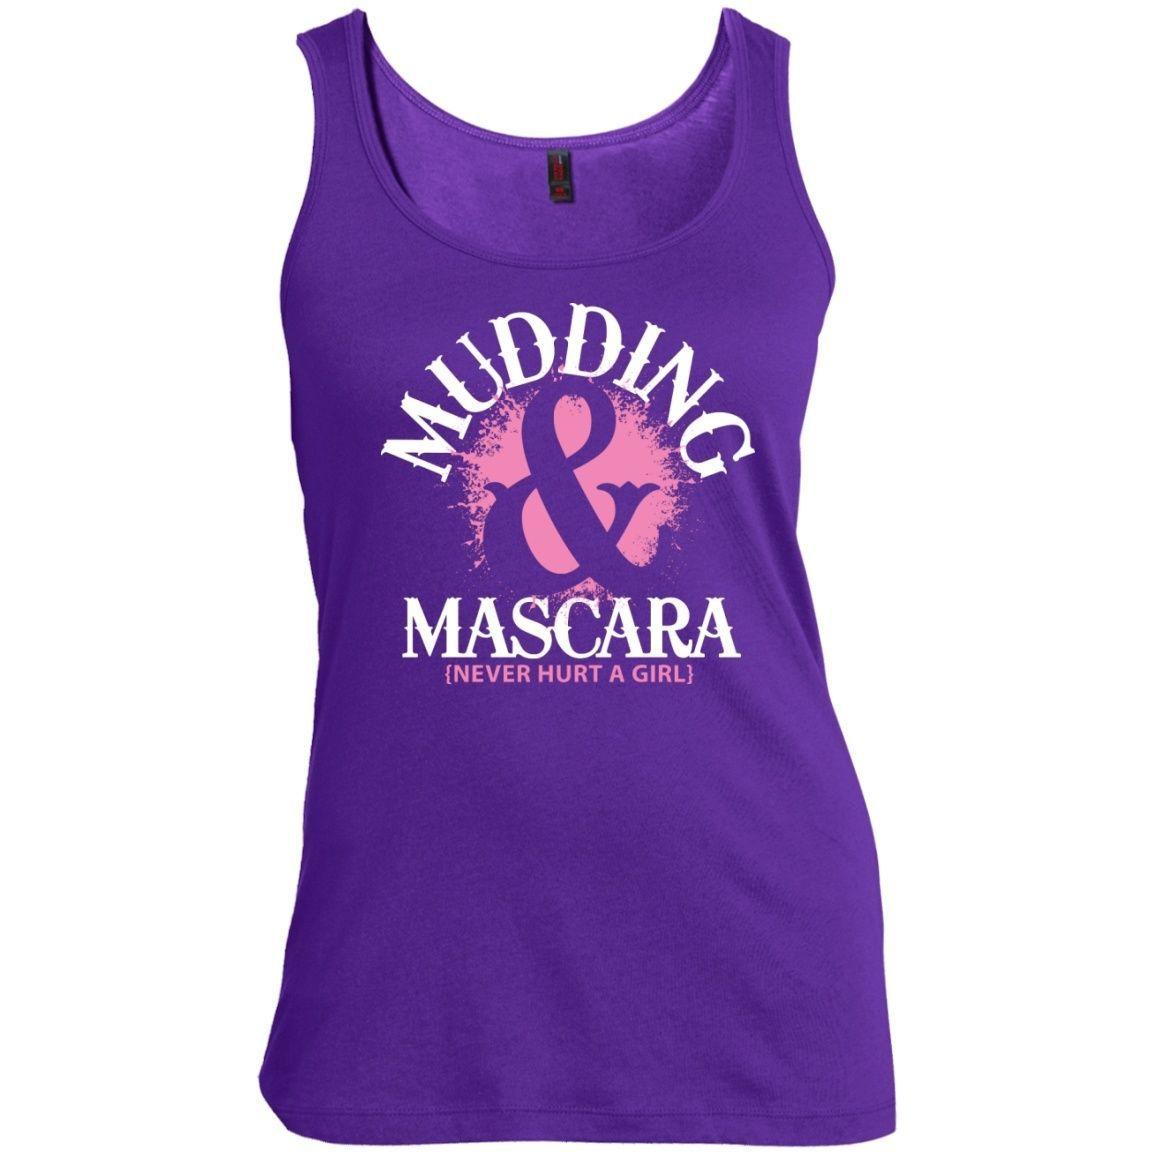 Mudding & Mascara (Never Hurt A Girl)